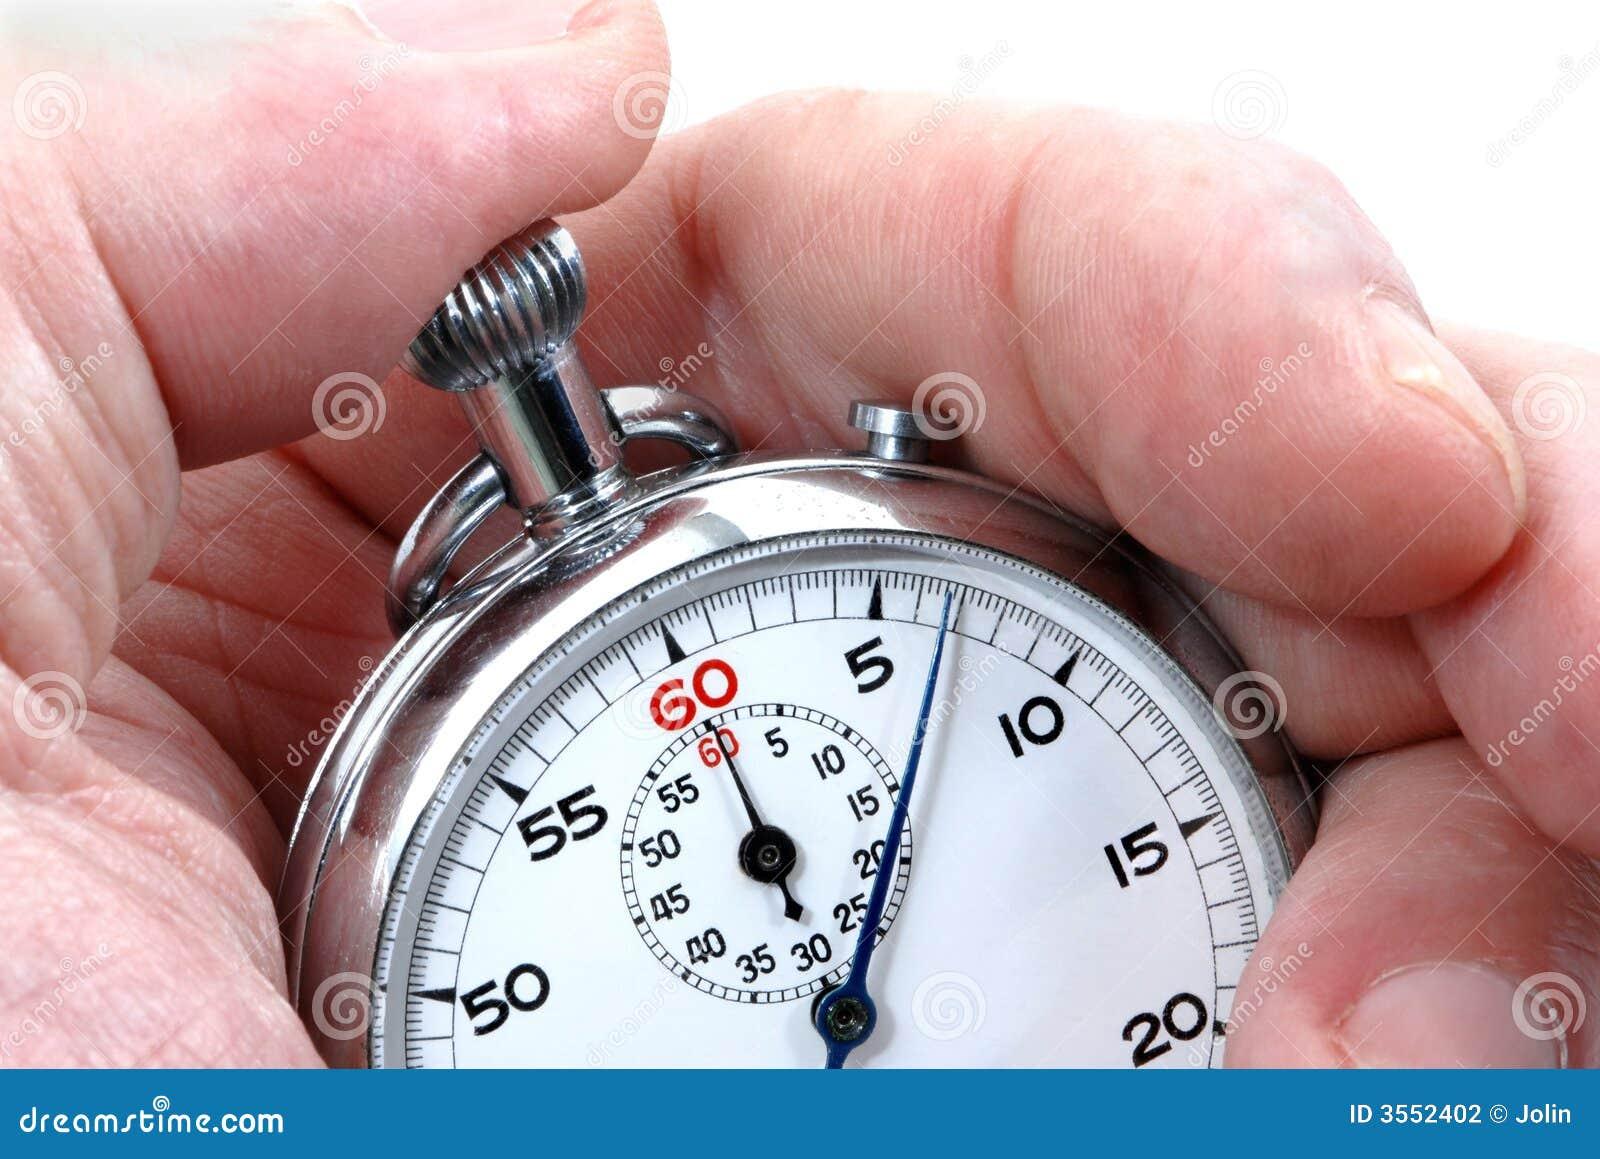 Cronometro in una mano